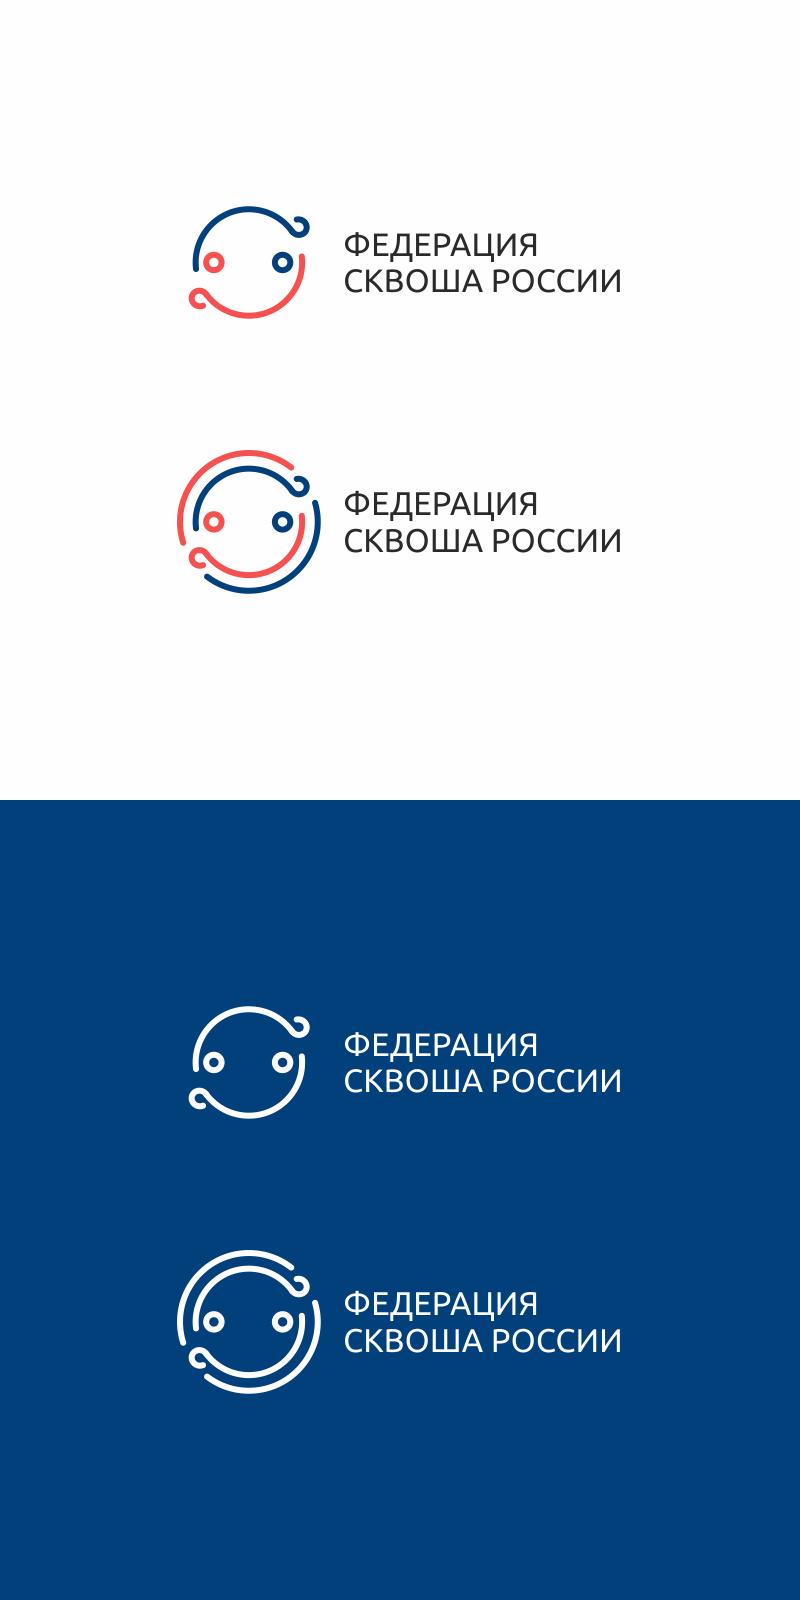 Разработать логотип для Федерации сквоша России фото f_3095f396f463e244.png